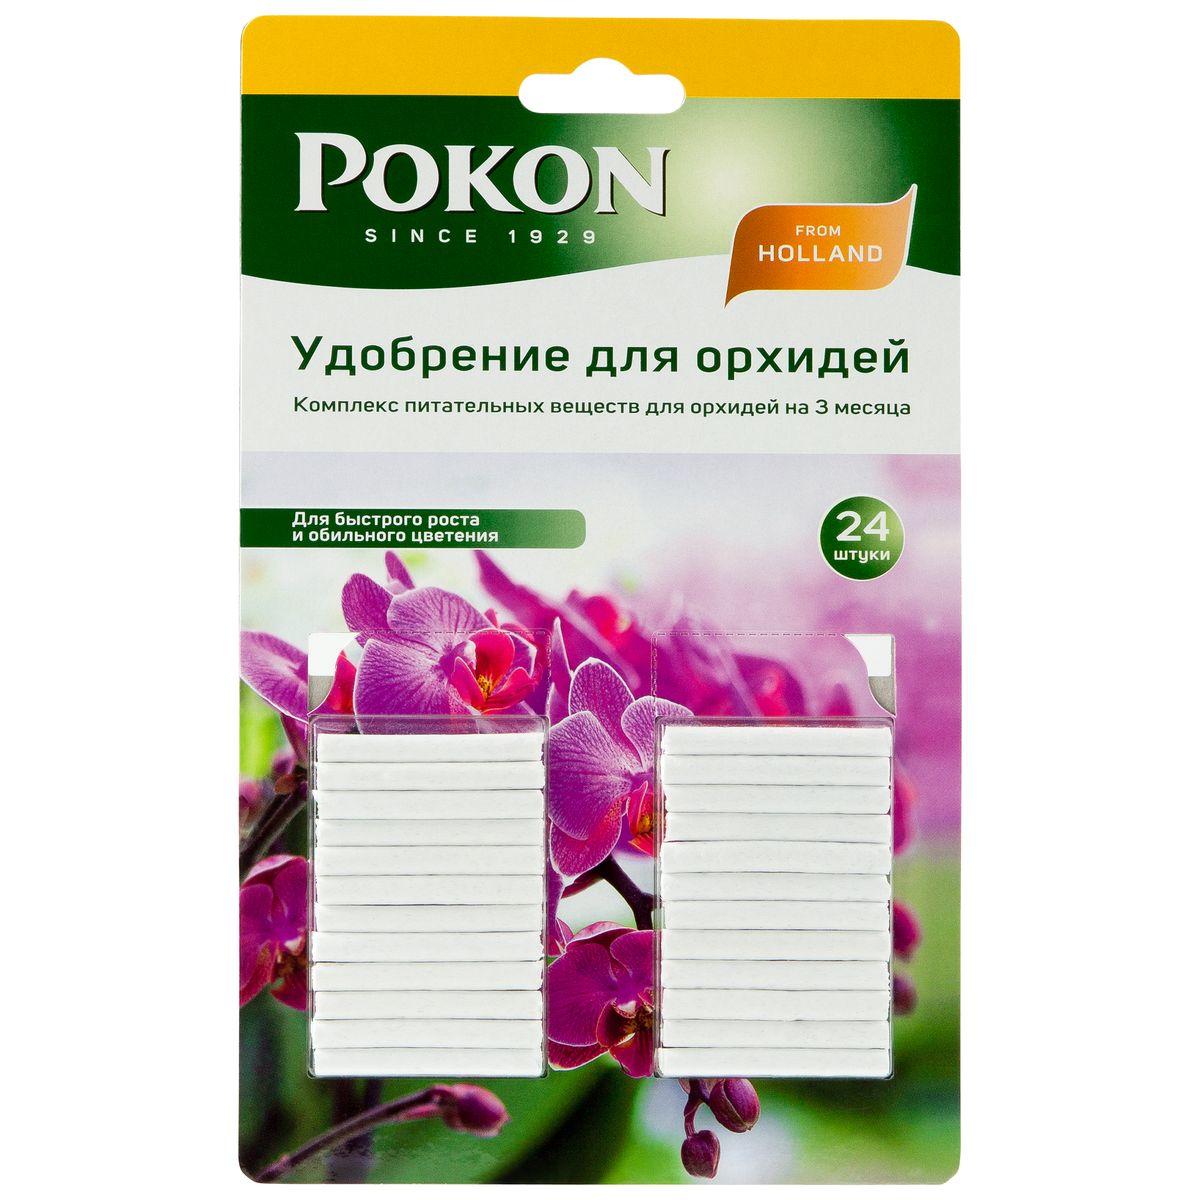 Удобрение Pokon для орхидей, в палочках, 24 шт8711969016057Удобрение Pokon для орхидей в палочках:NPK 14 + 7 + 8 с добавкой 2 MgO.Удобрение в палочках Pokon содержит тщательно подобранные питательные вещества, сбалансированные для орхидей. Эта высококачественная смесь способствует обильному и продолжительному цветению.Инструкция по применению:- Измерьте диаметр горшка с растением и определите нужное количество палочек по прилагаемой таблице.- Полностью воткните палочки в грунт, равномерно распределив их вокруг растения.- Полейте грунт, и удобрение немедленно начнет действовать.- Добавляйте новые палочки каждые три месяца.Состав:14% — общее содержание азота (N);2% — аммонийный азот;2% — мочевинный азот;9,7% — азот, полученный из мочевинного формальдегида, в том числе:2,2% — азот, растворимый в холодной воде;1,1% — азот, растворимый в горячей воде;7,0% — безводная фосфорная кислота (P2O5), растворимая в нейтральном цитрате аммония и воде;8,0% — водорастворимый оксид калия (K2O);2,0% — оксид магния (MgO).Низкое содержание хлора (Сl).Удобрение соответствует нормам ЕС.